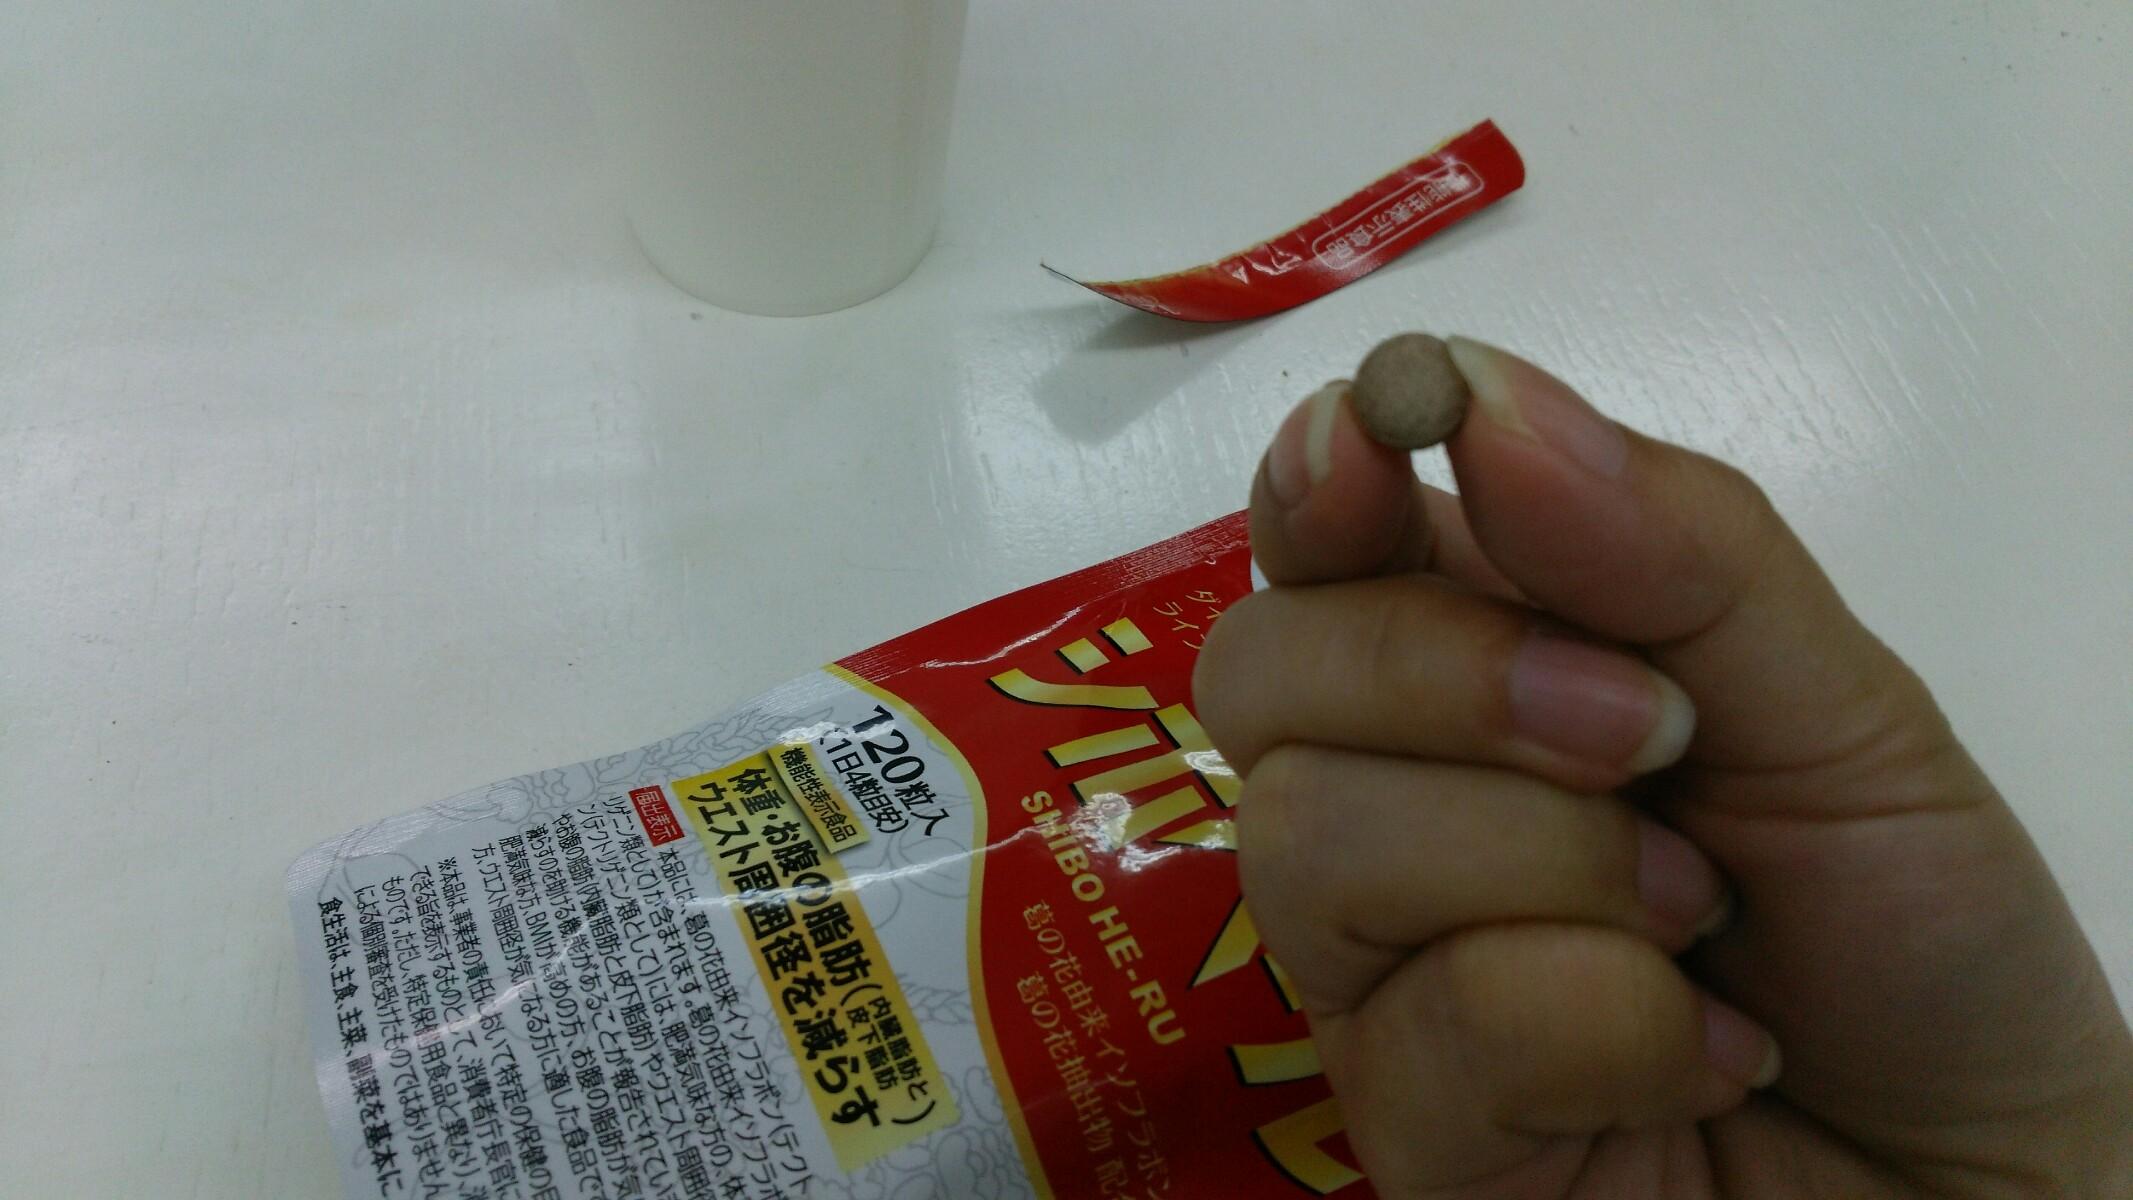 シボヘール実食粒のサイズ